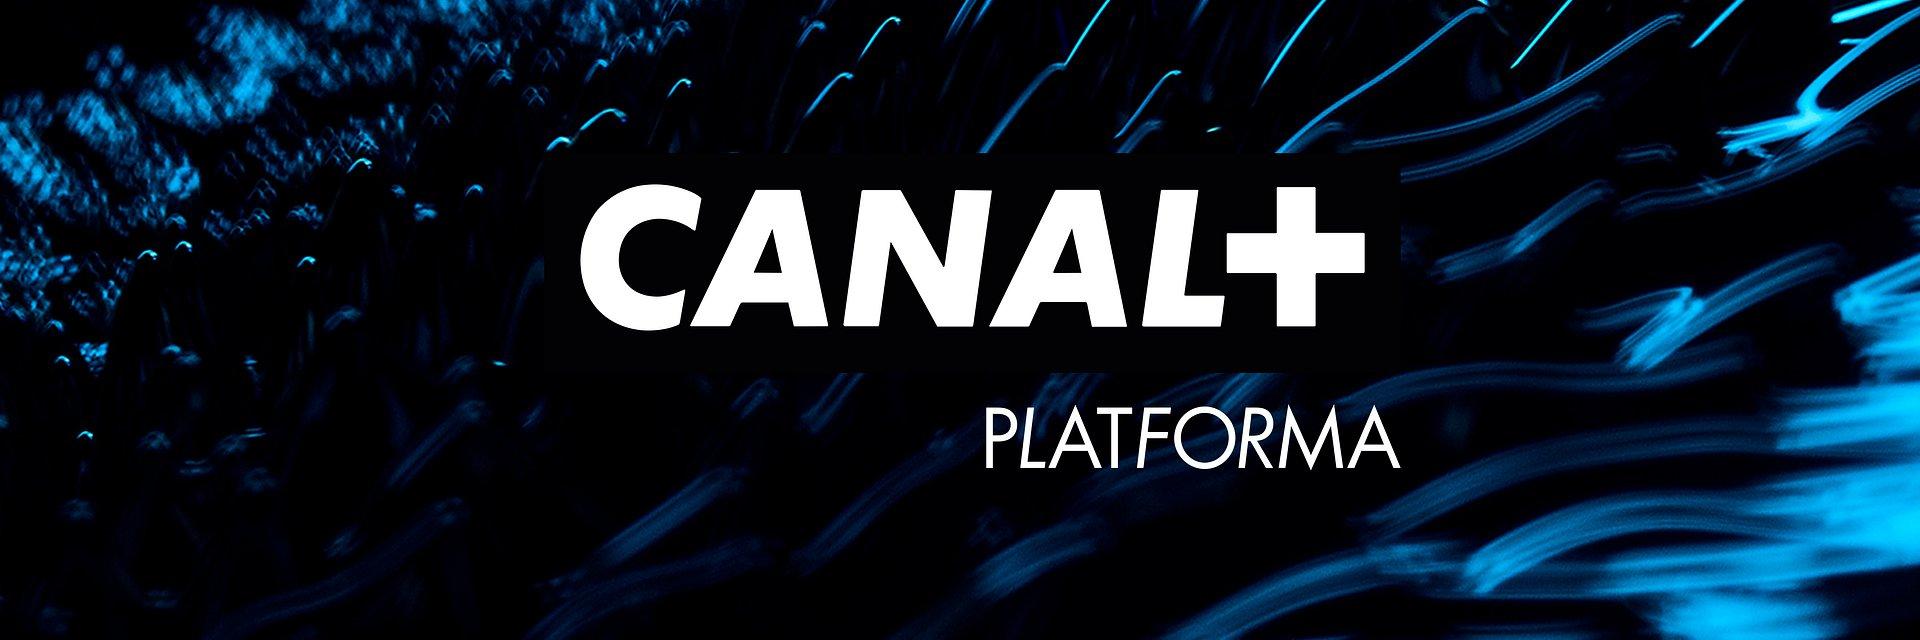 Zmiany w zarządzie Platformy CANAL+